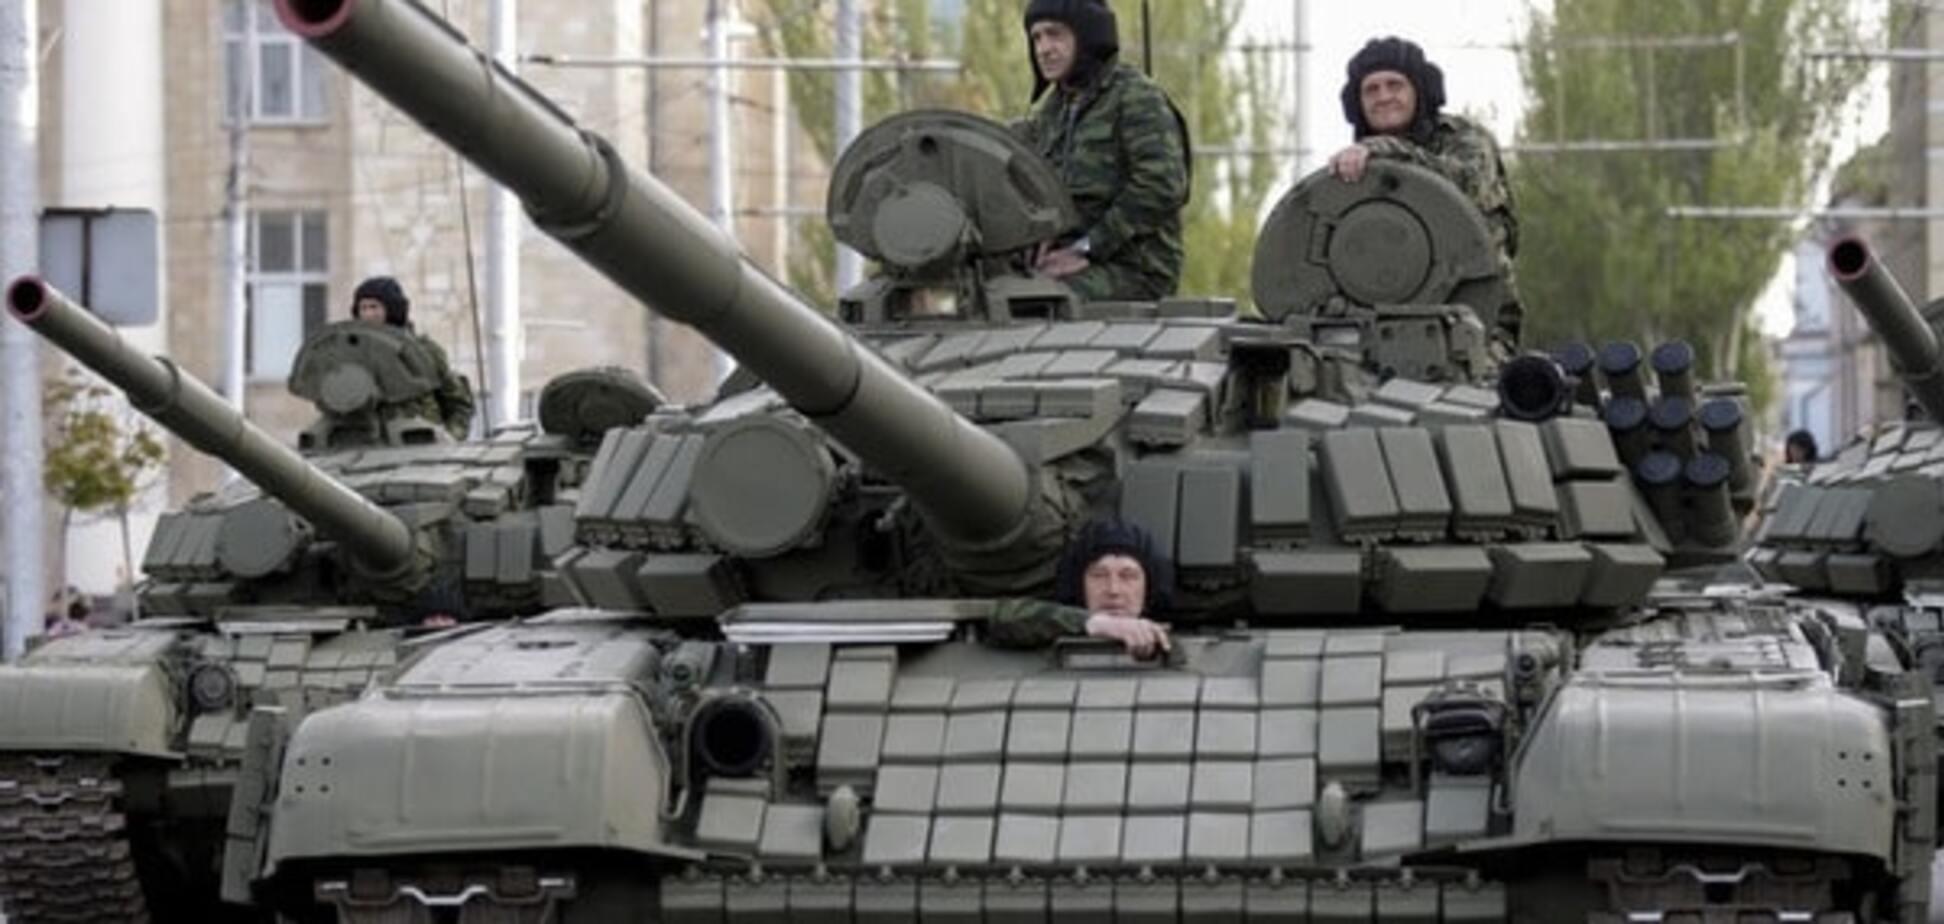 Експерт розповів, що буде з технікою, надісланою Росією 'на парад' в Донецьк